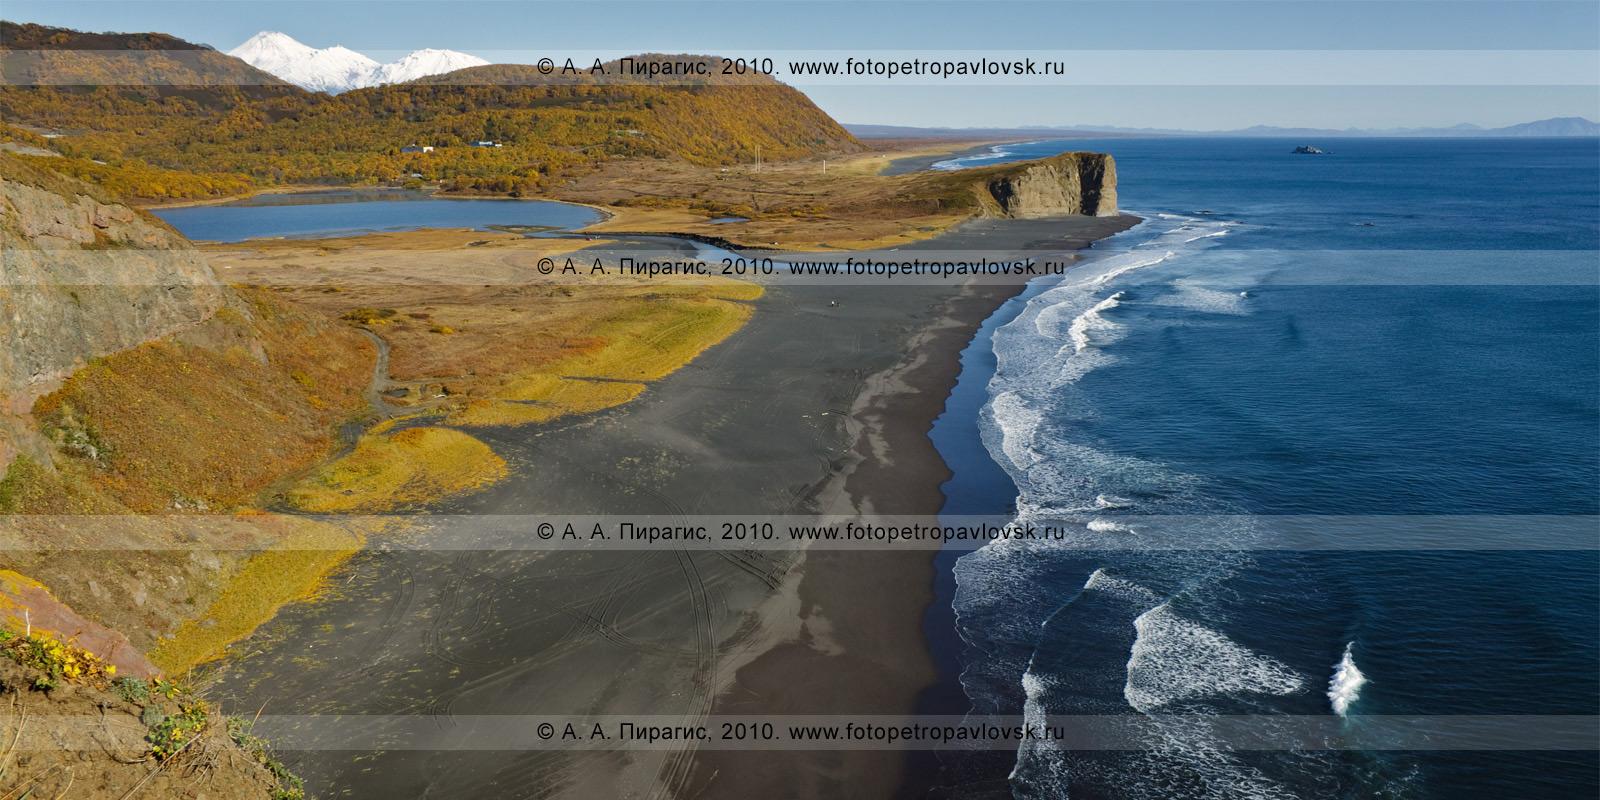 Фотография: Англичанка. Слева — озеро Мелкое, выступает в Авачинский залив — мыс Первый, справа в Авачинском заливе — остров Скала Ворота, на заднем плане — Авачинский и Козельский вулканы